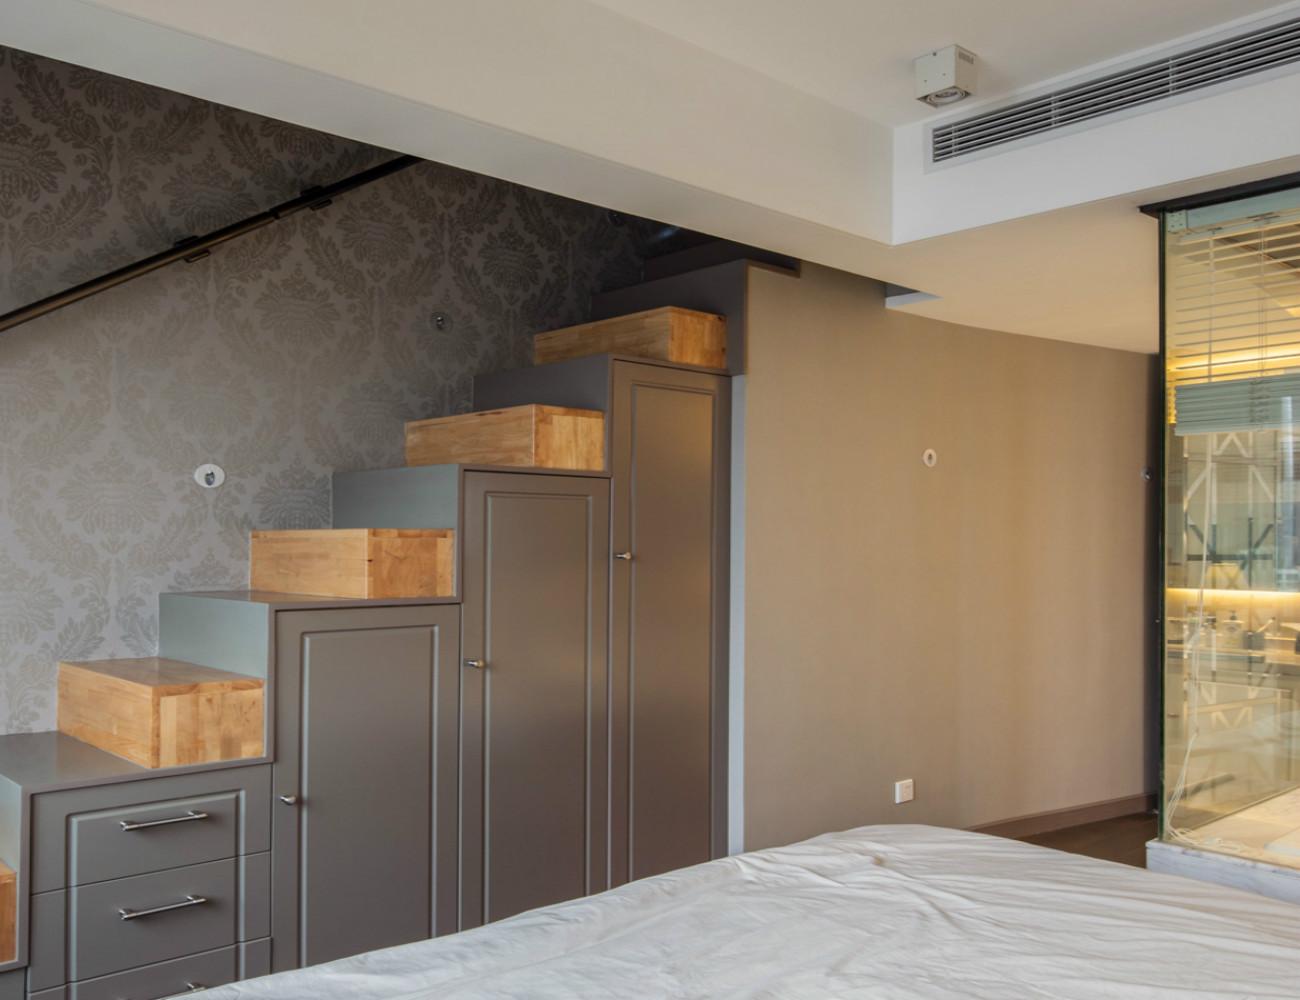 复式现代风格装修楼梯柜设计